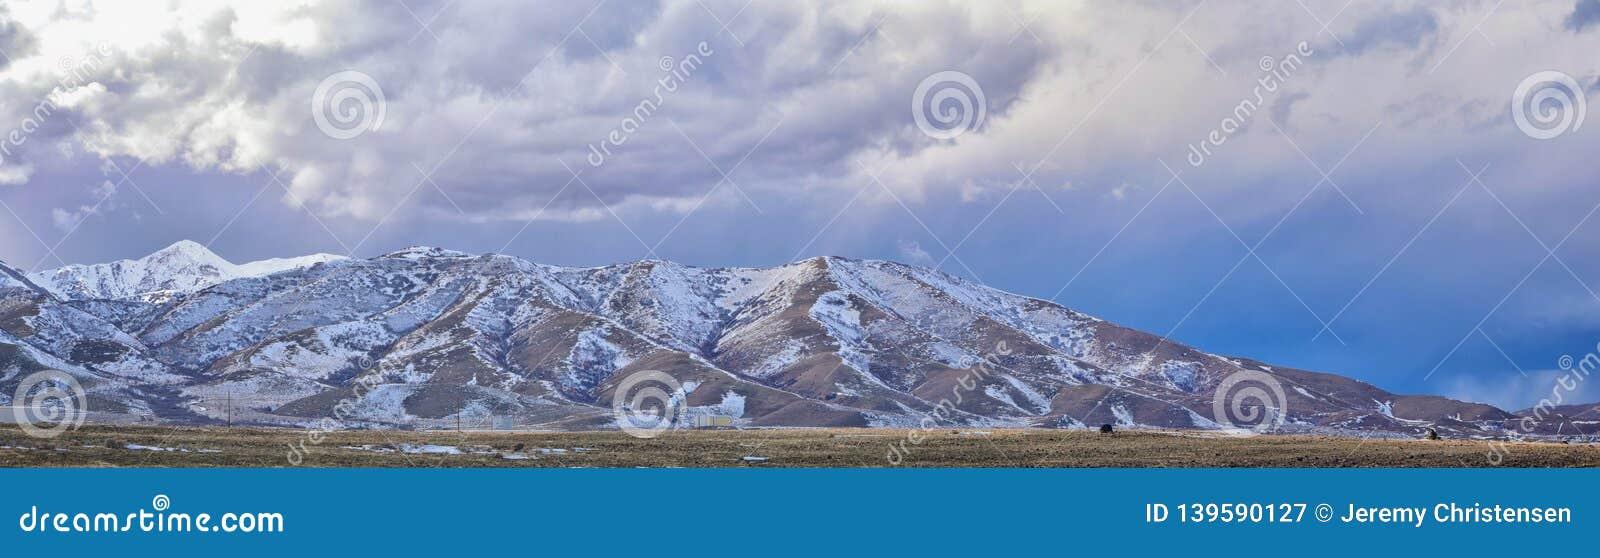 Vinterpanorama av korkad Oquirrh bergskedjasnö, som inkluderar den Bingham Canyon Mine eller Kennecott kopparminen, som det rykta